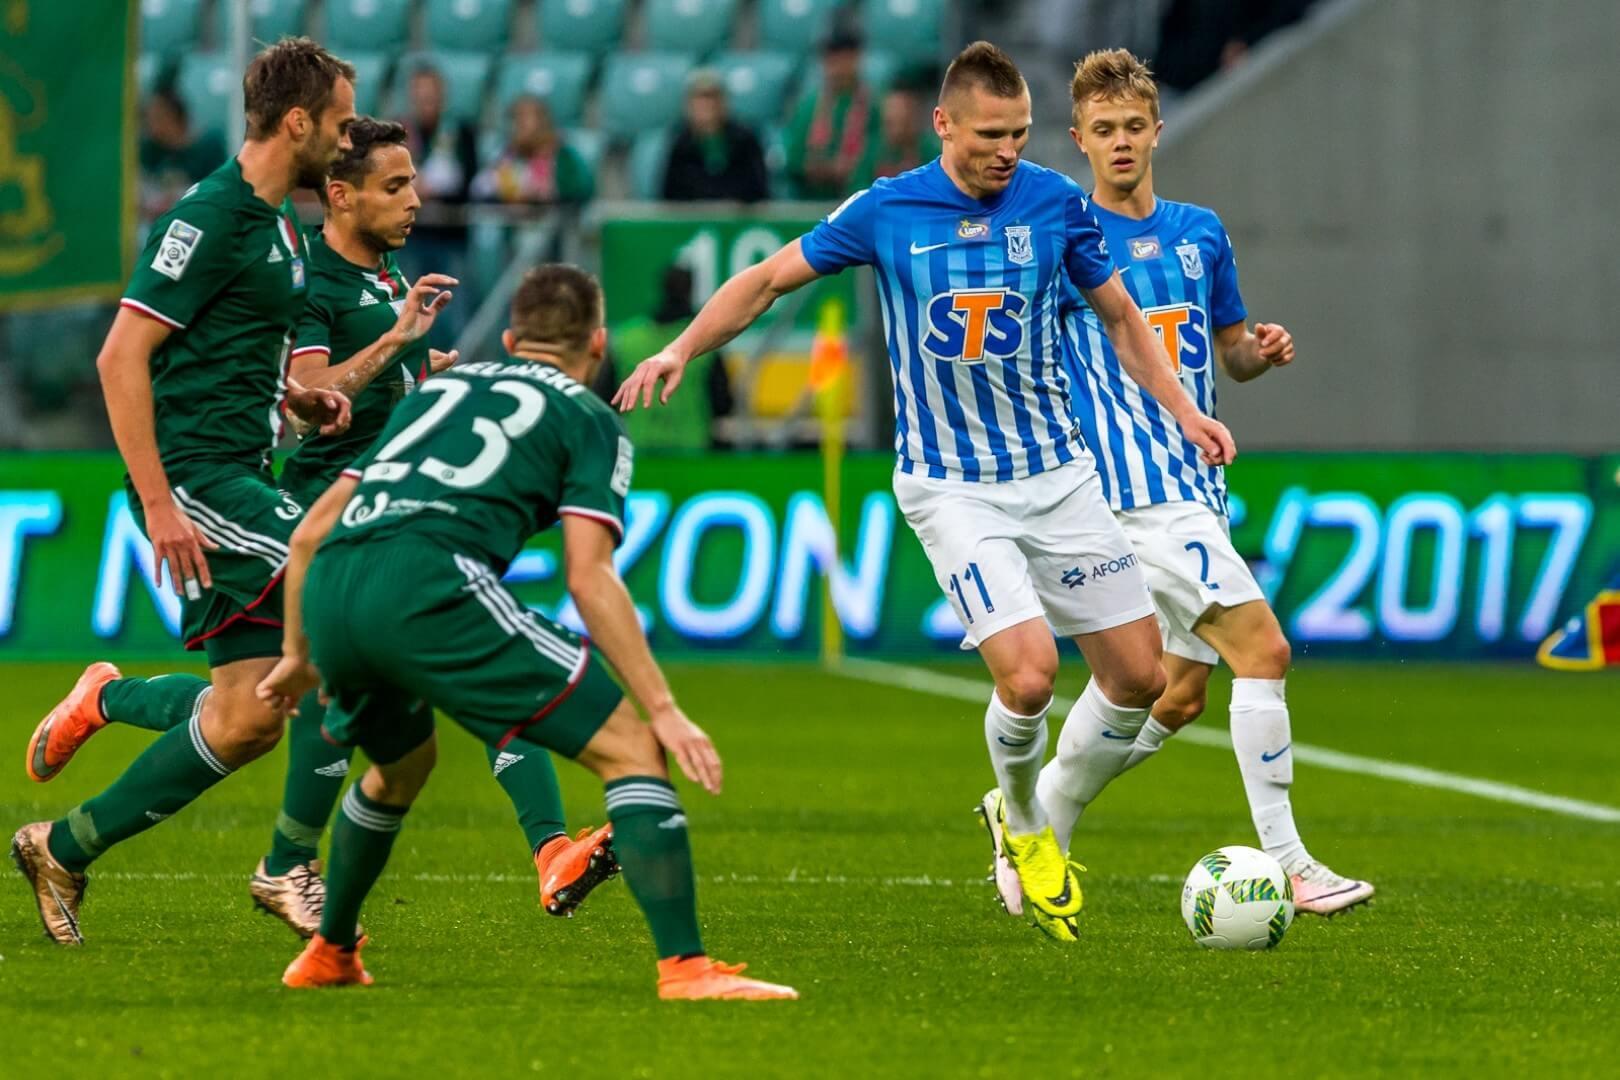 Lech vs Śląsk